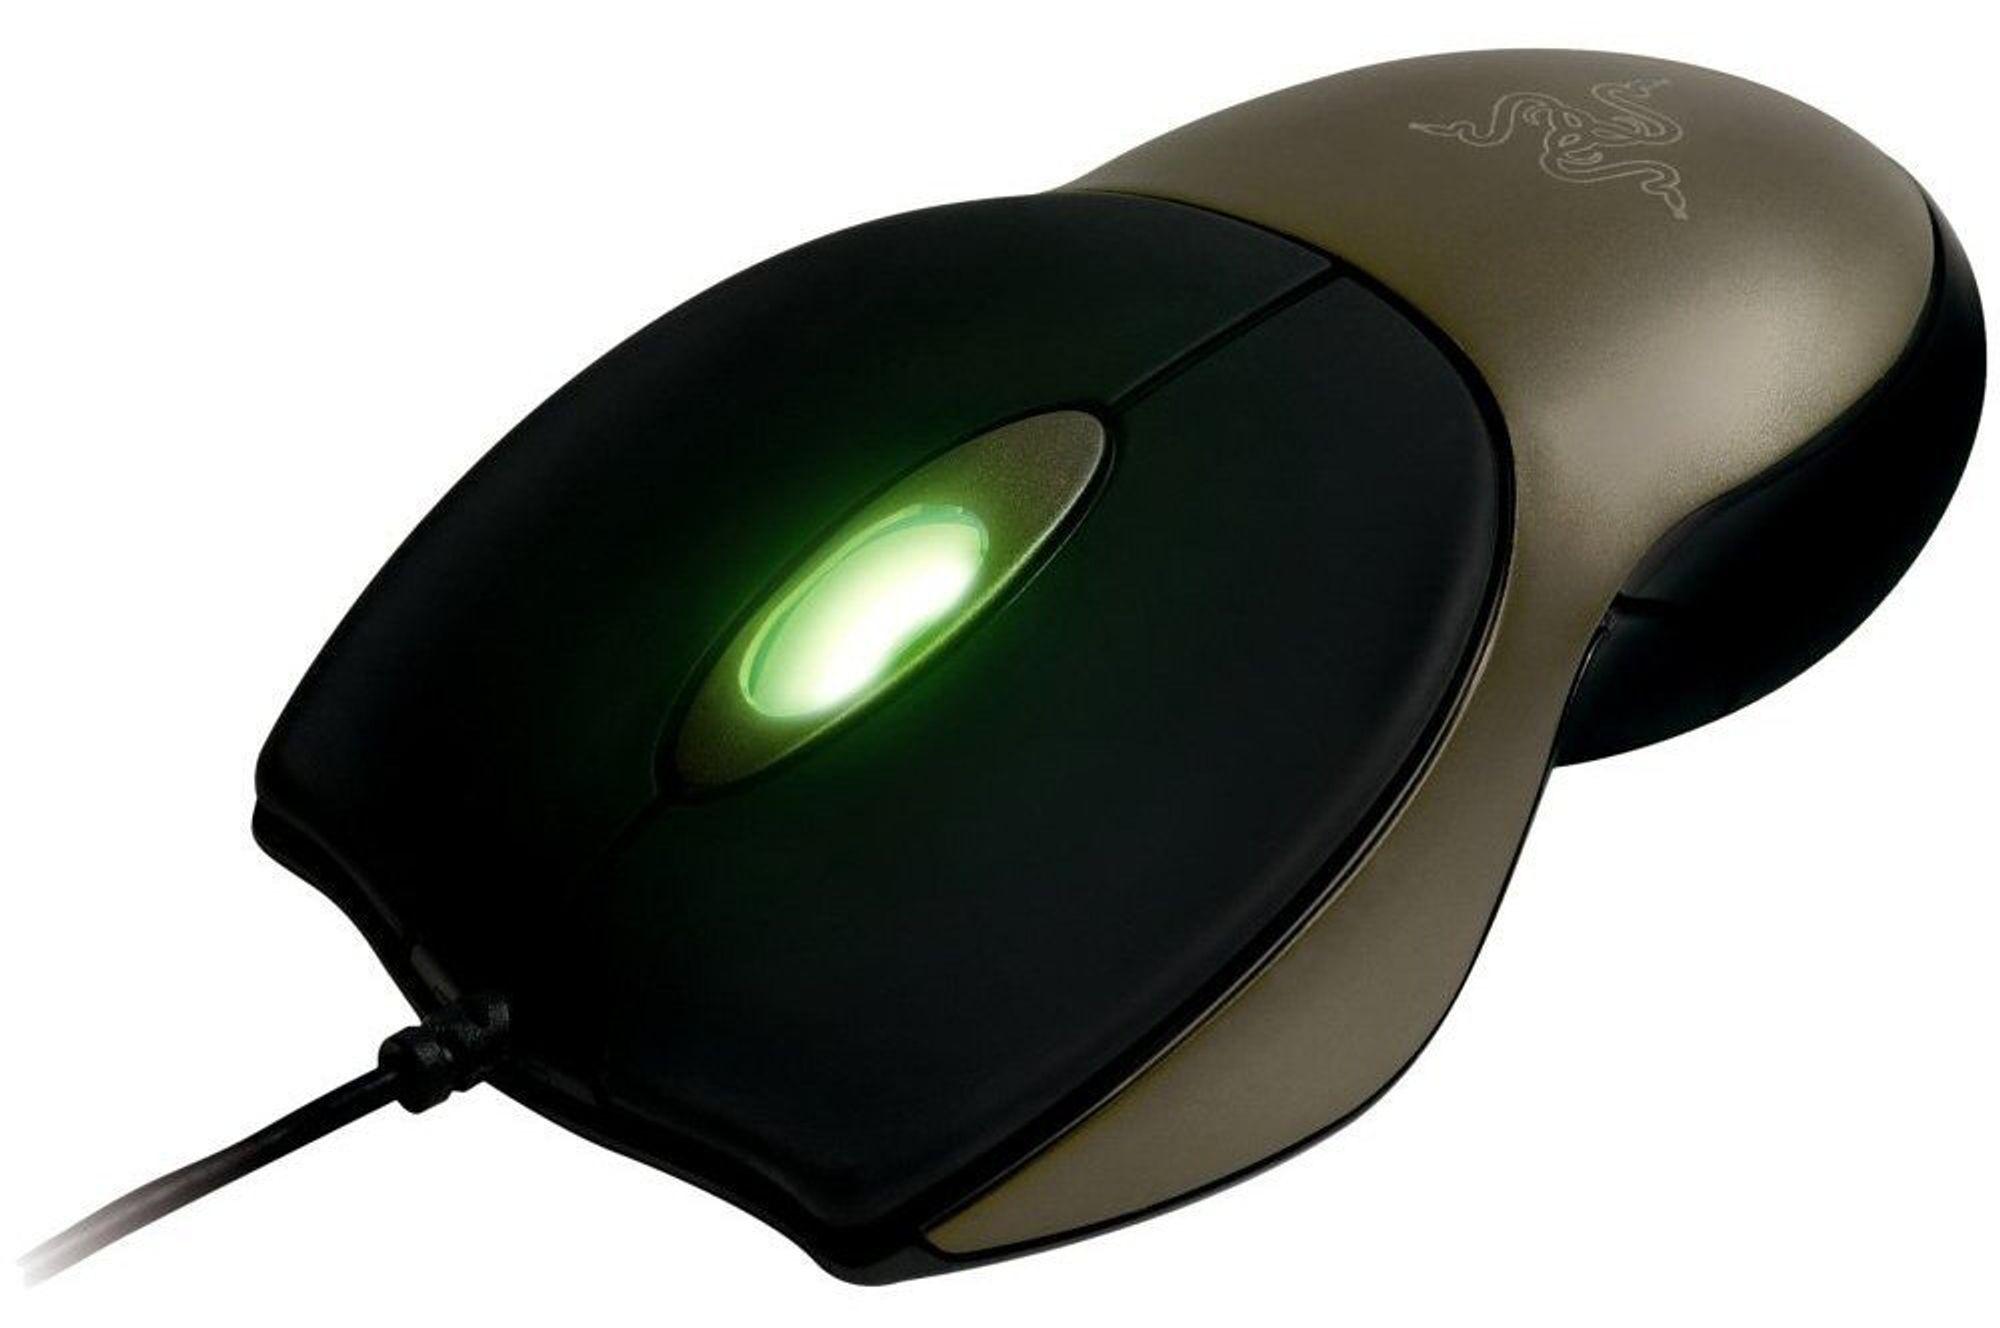 Razer slipper også denne oppdaterte Boomslang «Collector's Edition» i 2007.